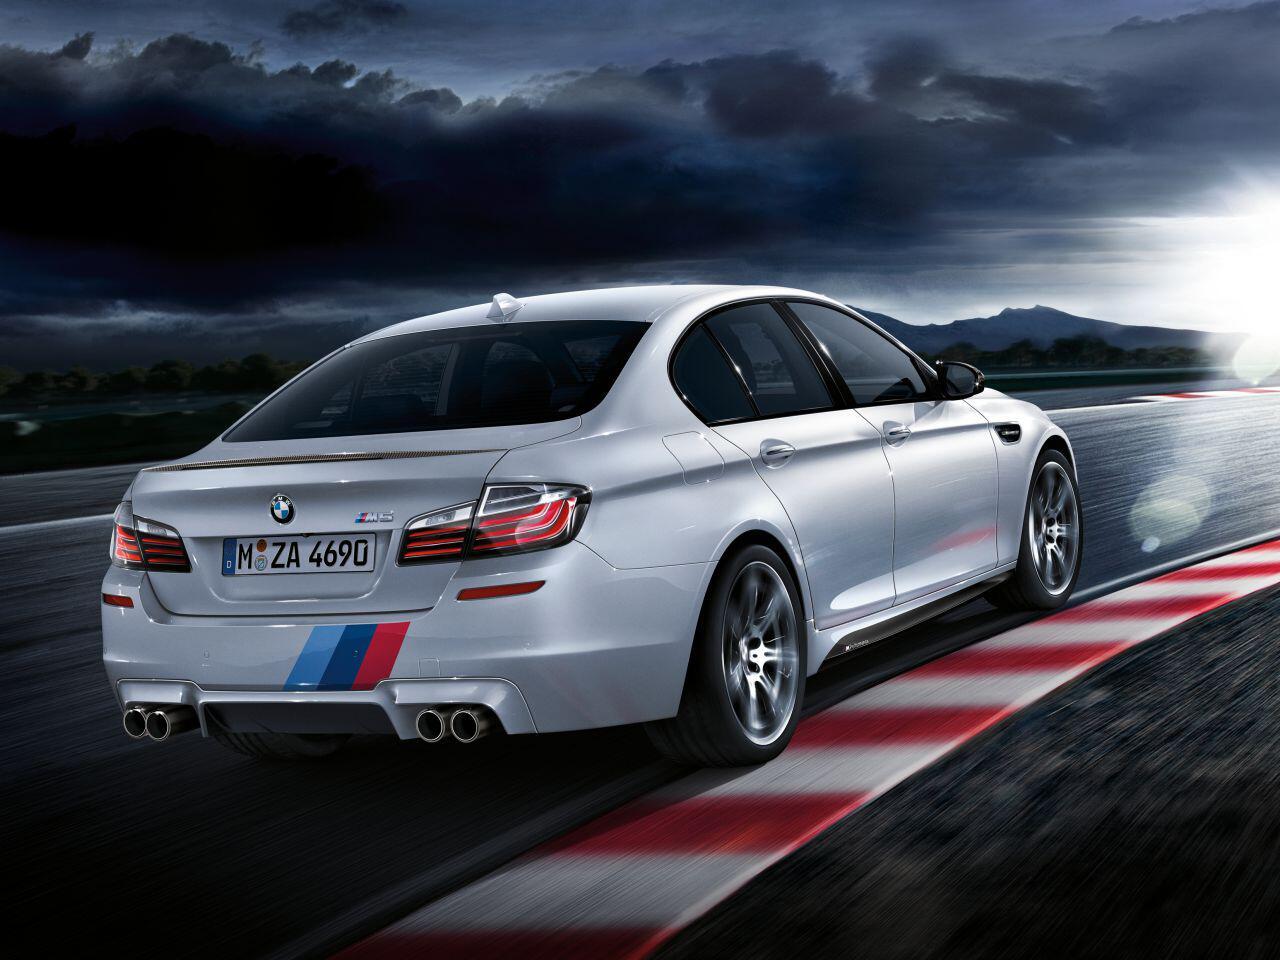 Bild zu Damit werden sich die M-Modelle noch stärker von den Serienfahrzeugen abgrenzen